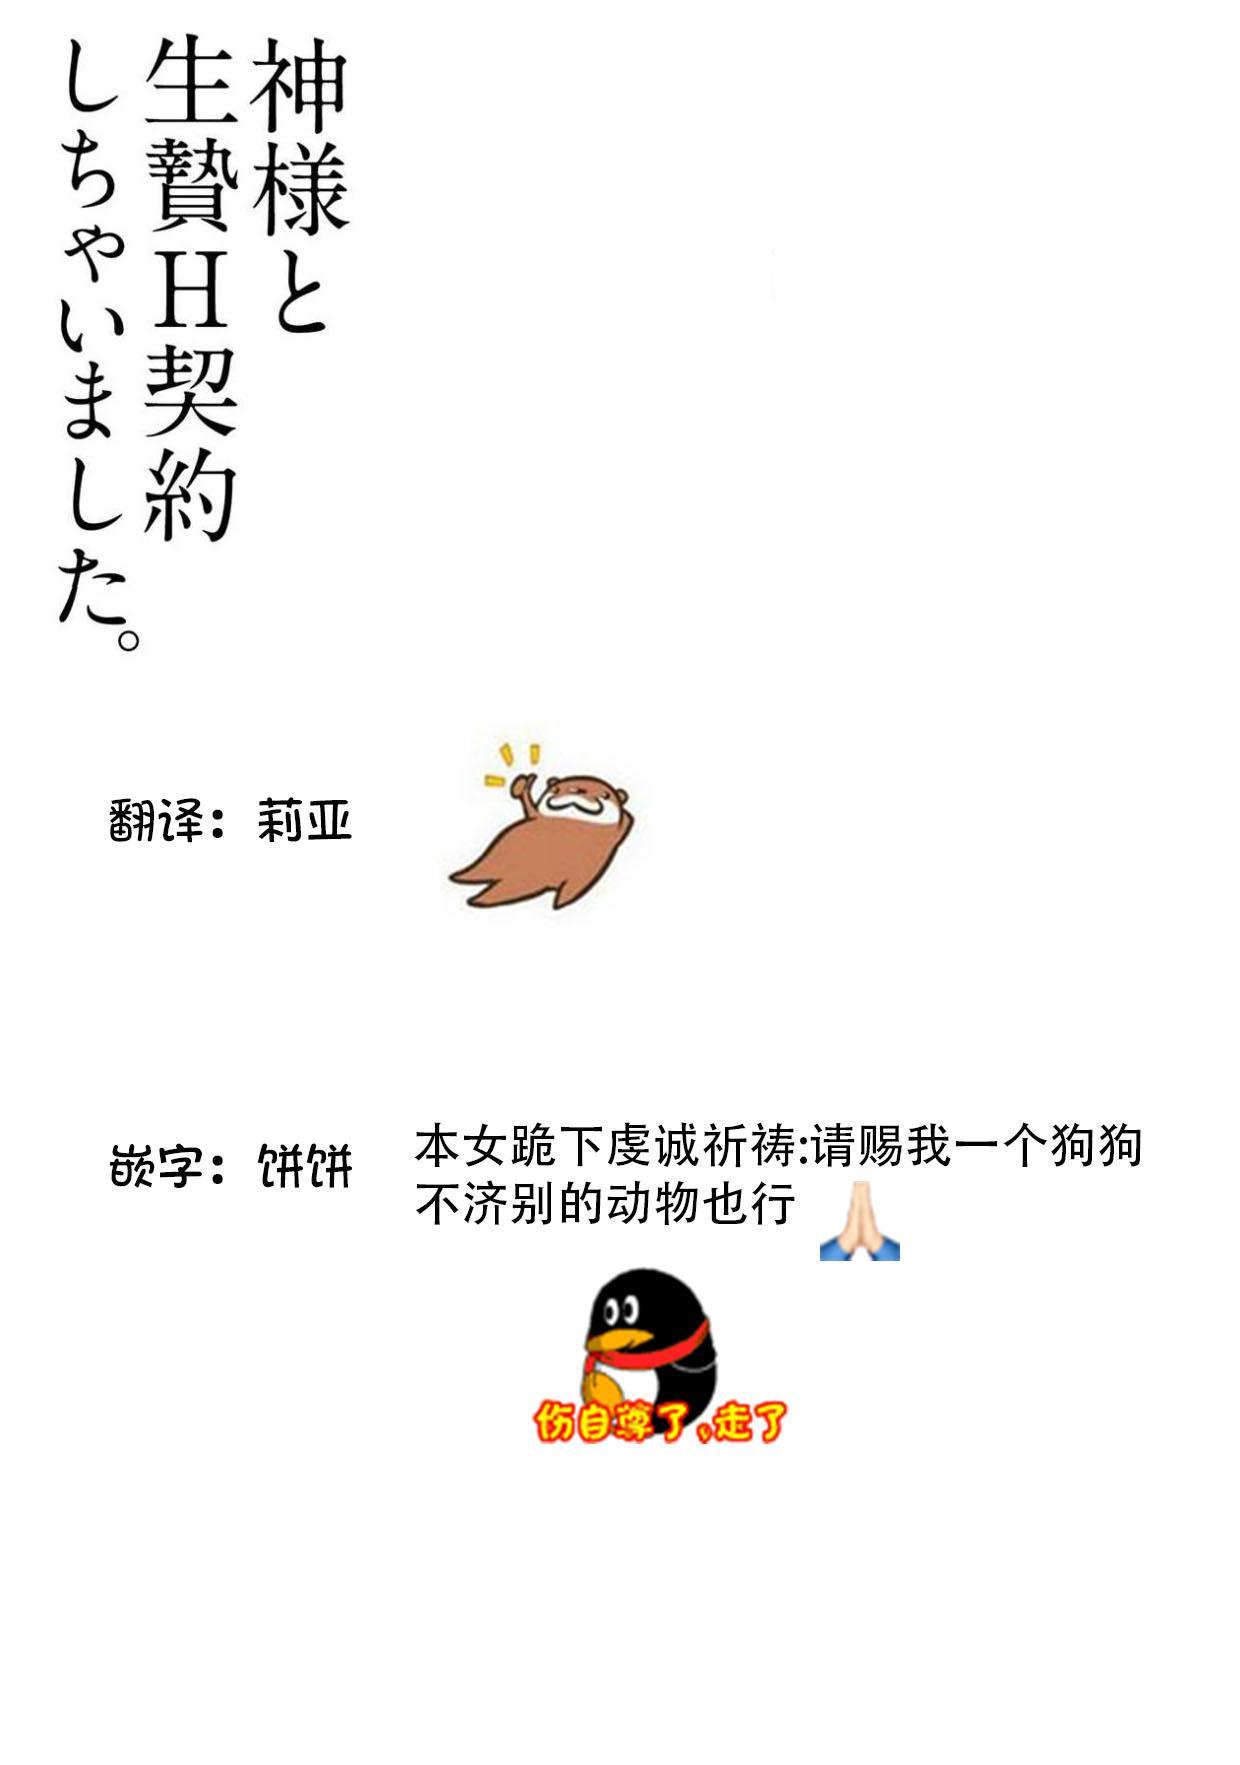 [Hachikawa Kyuu] Kami-sama to Ikenie H Keiyaku Shichaimashita | 我与神明大人签订了祭品H契约 1-3 [Chinese] [莉赛特汉化组] 25